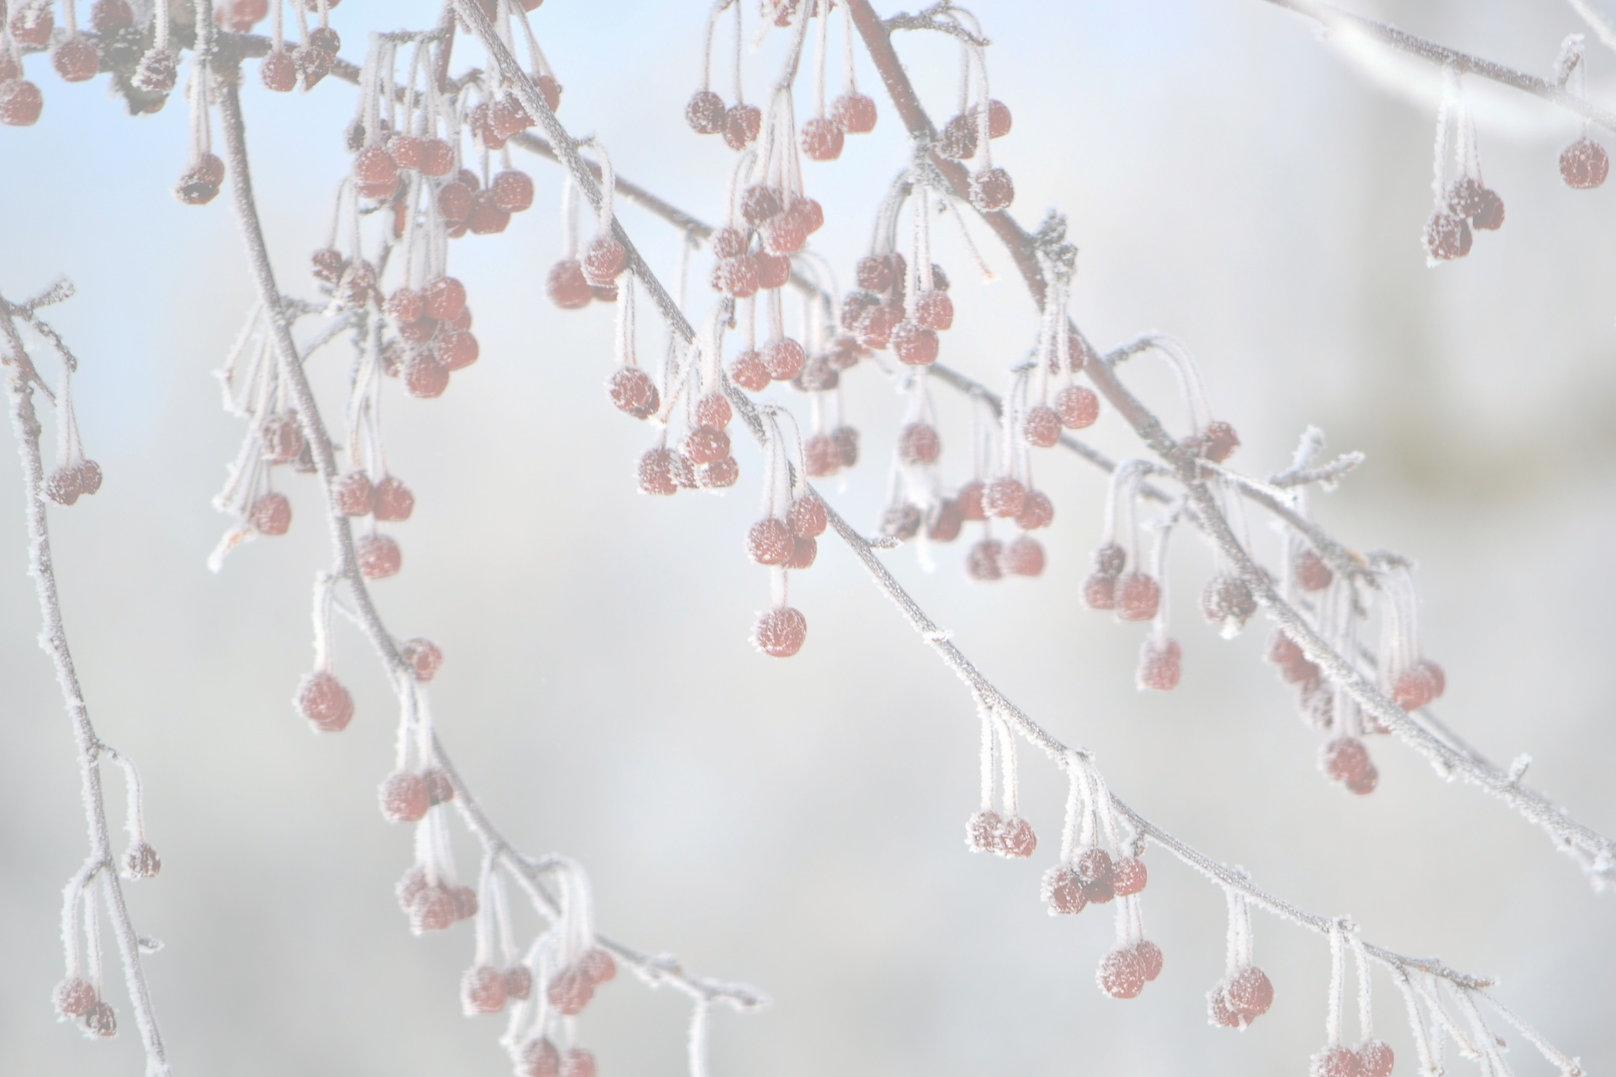 Frozen%20Berries_edited.jpg